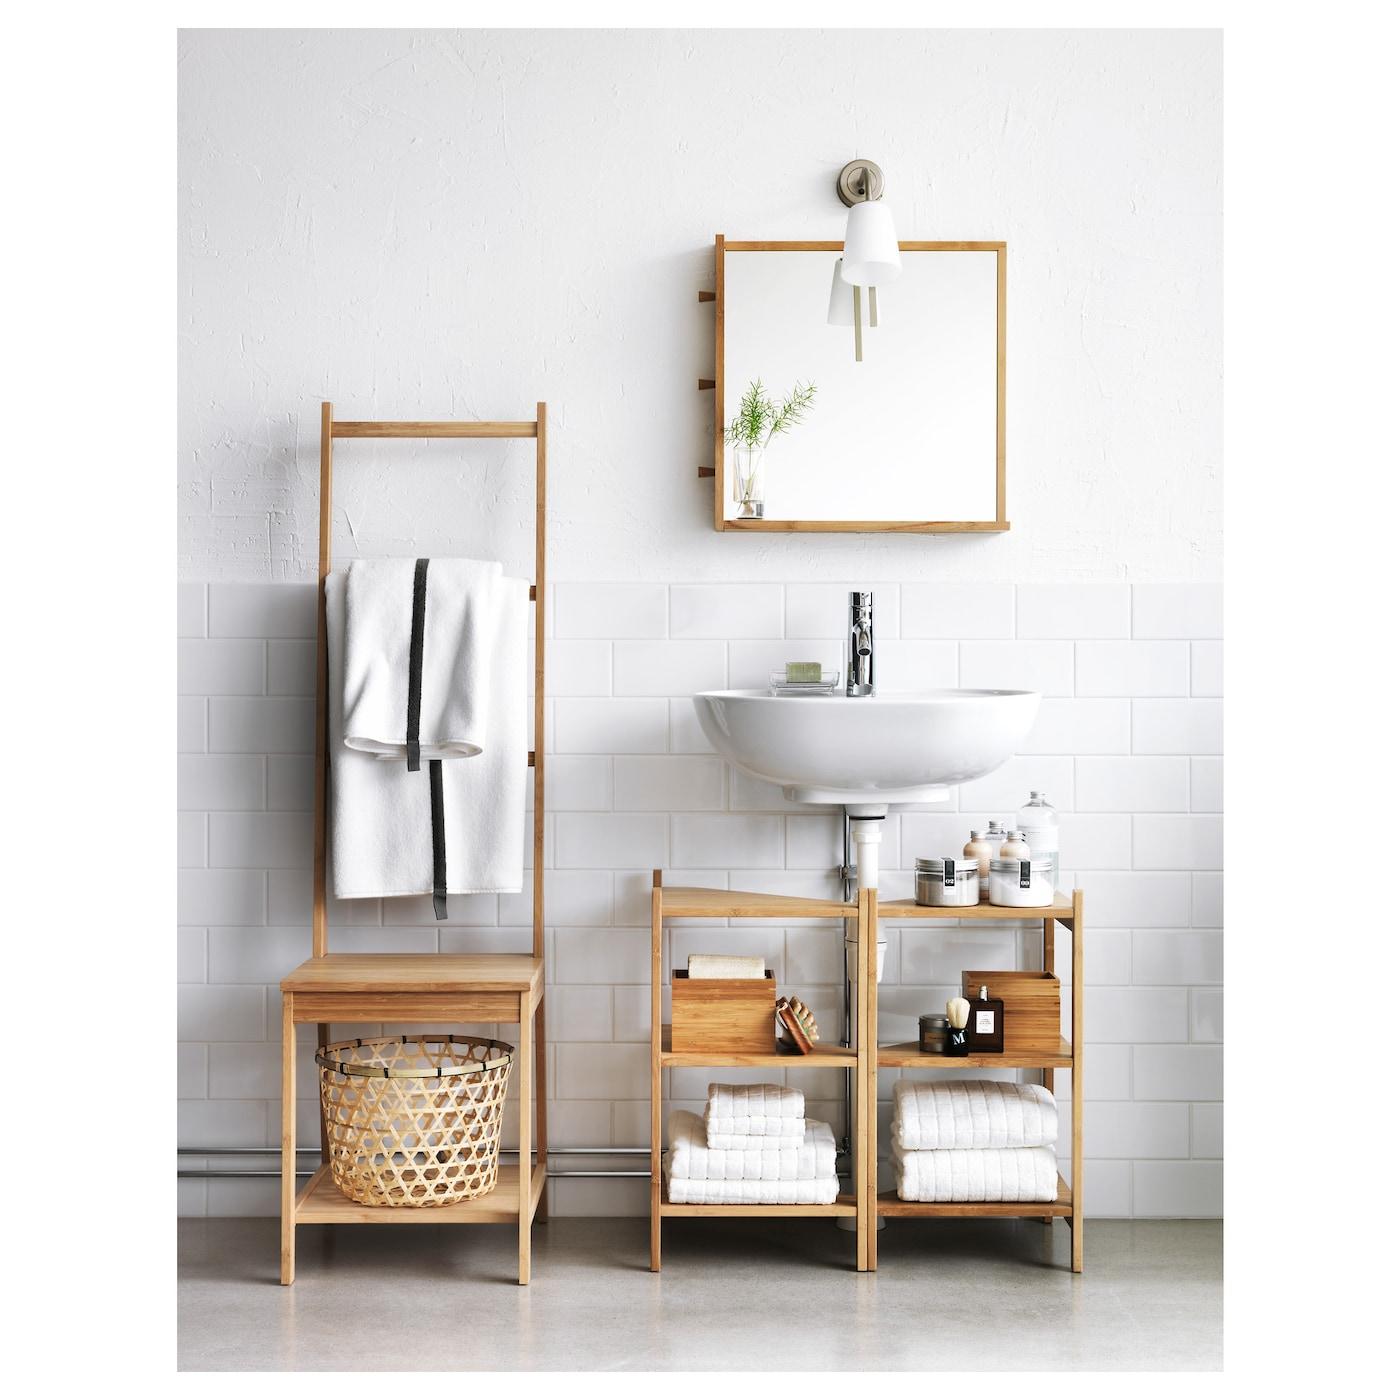 R grund chaise porte serviettes bambou ikea for Porte serviettes ikea grundtal